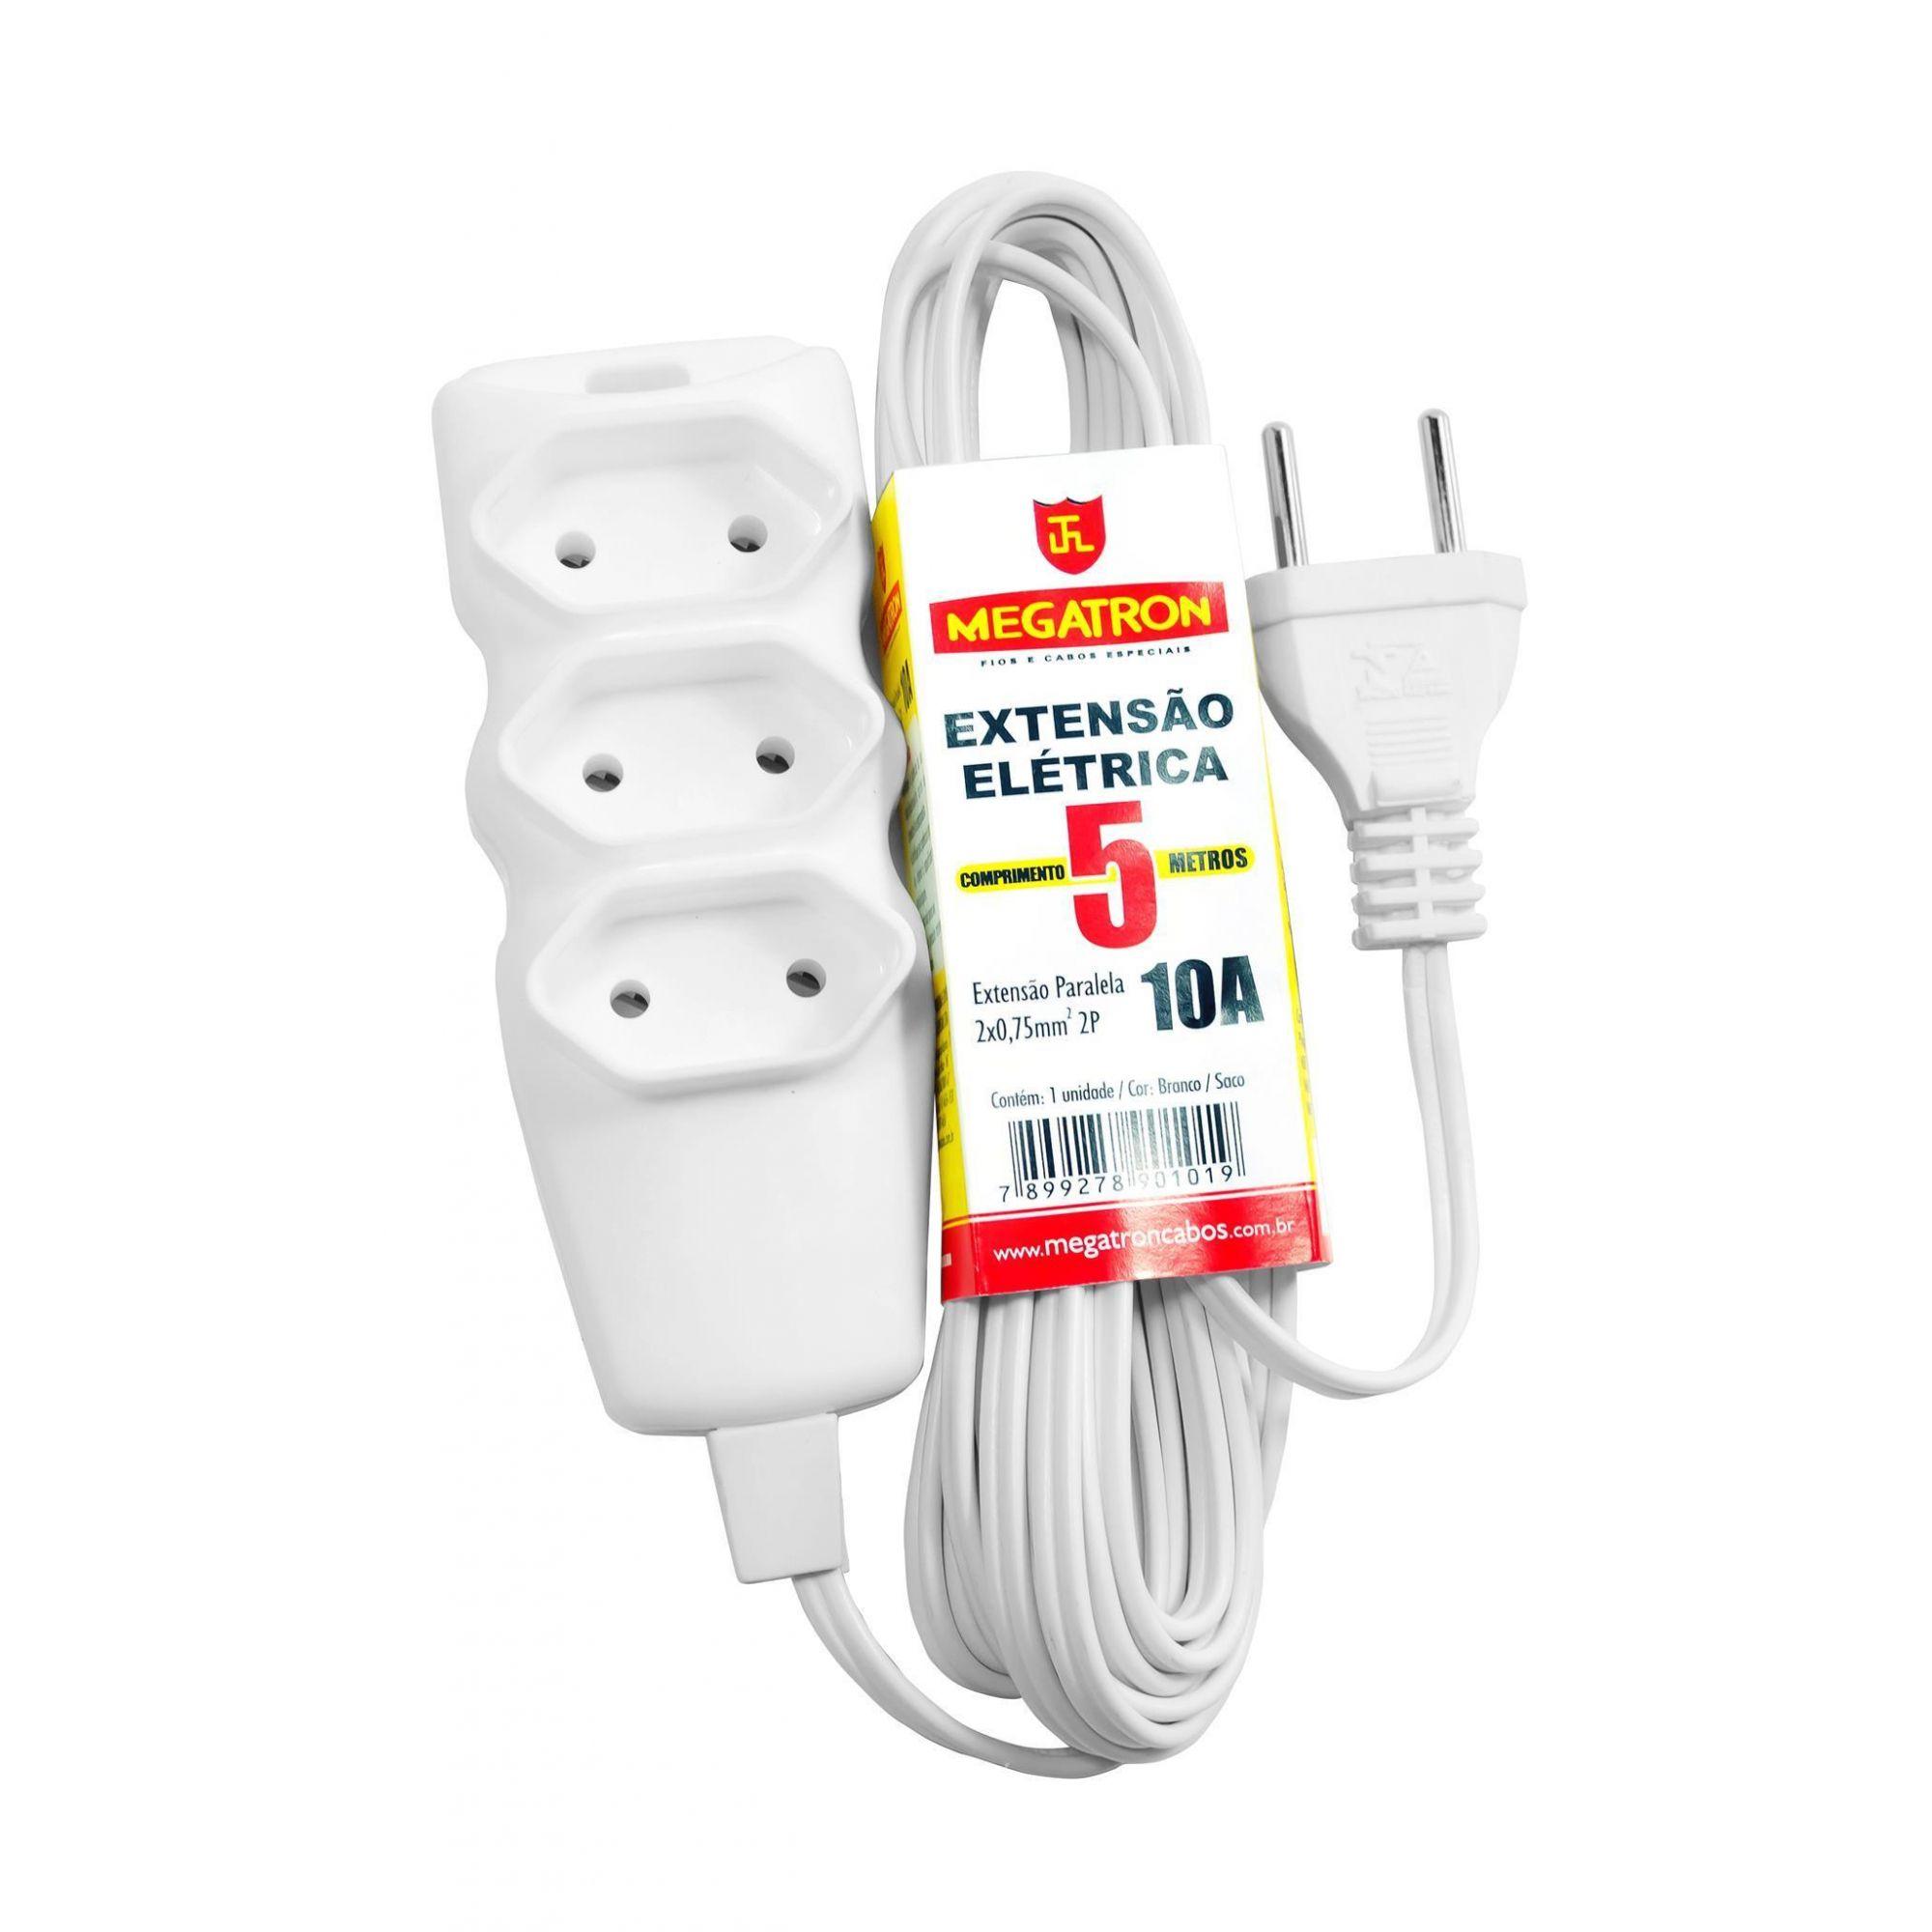 Extensão Elétrica 5mt 3 Tomadas 2 Pinos 10a Branco  Megatron  - EMPORIO K